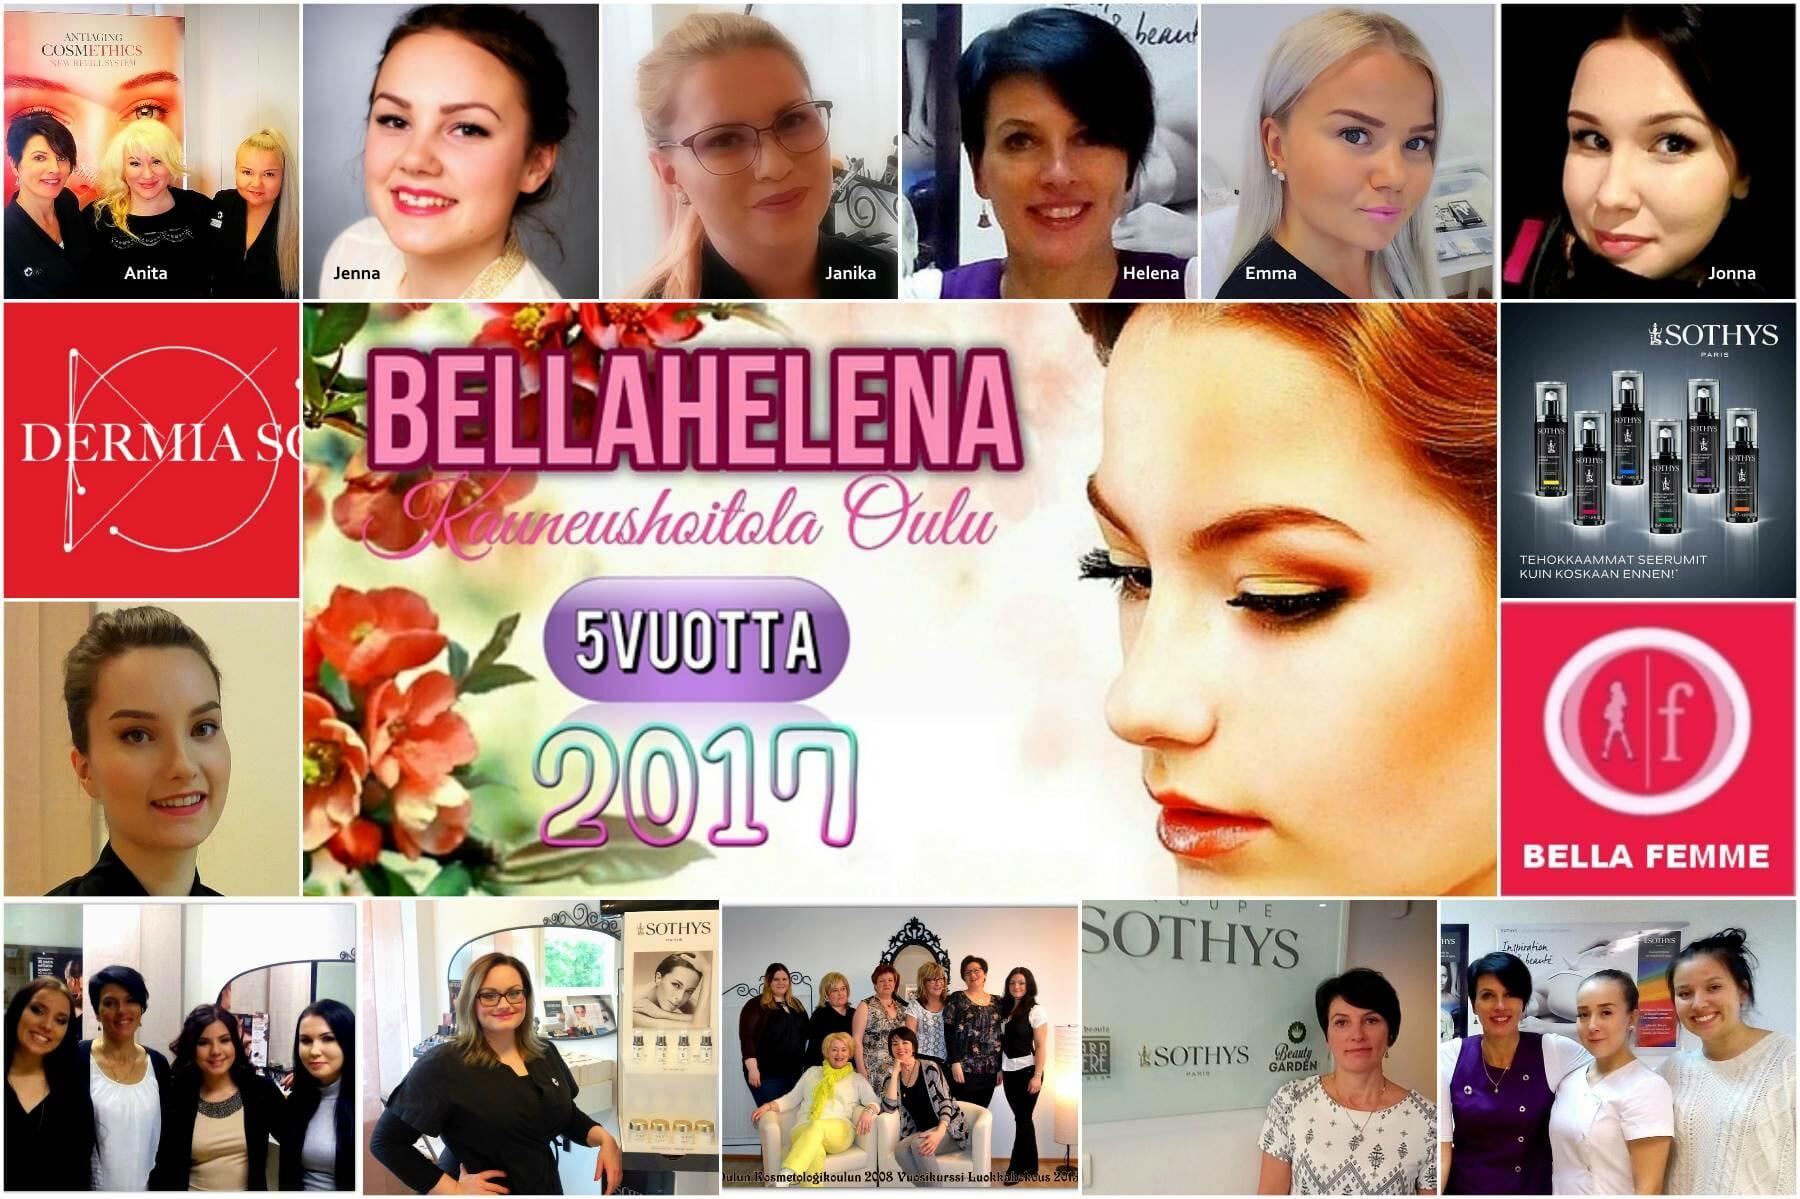 Kauneushoitola BellaHelena 2017 BeFanky cover 5 years 01.11.2017 Helena & Paris Oy Oulu